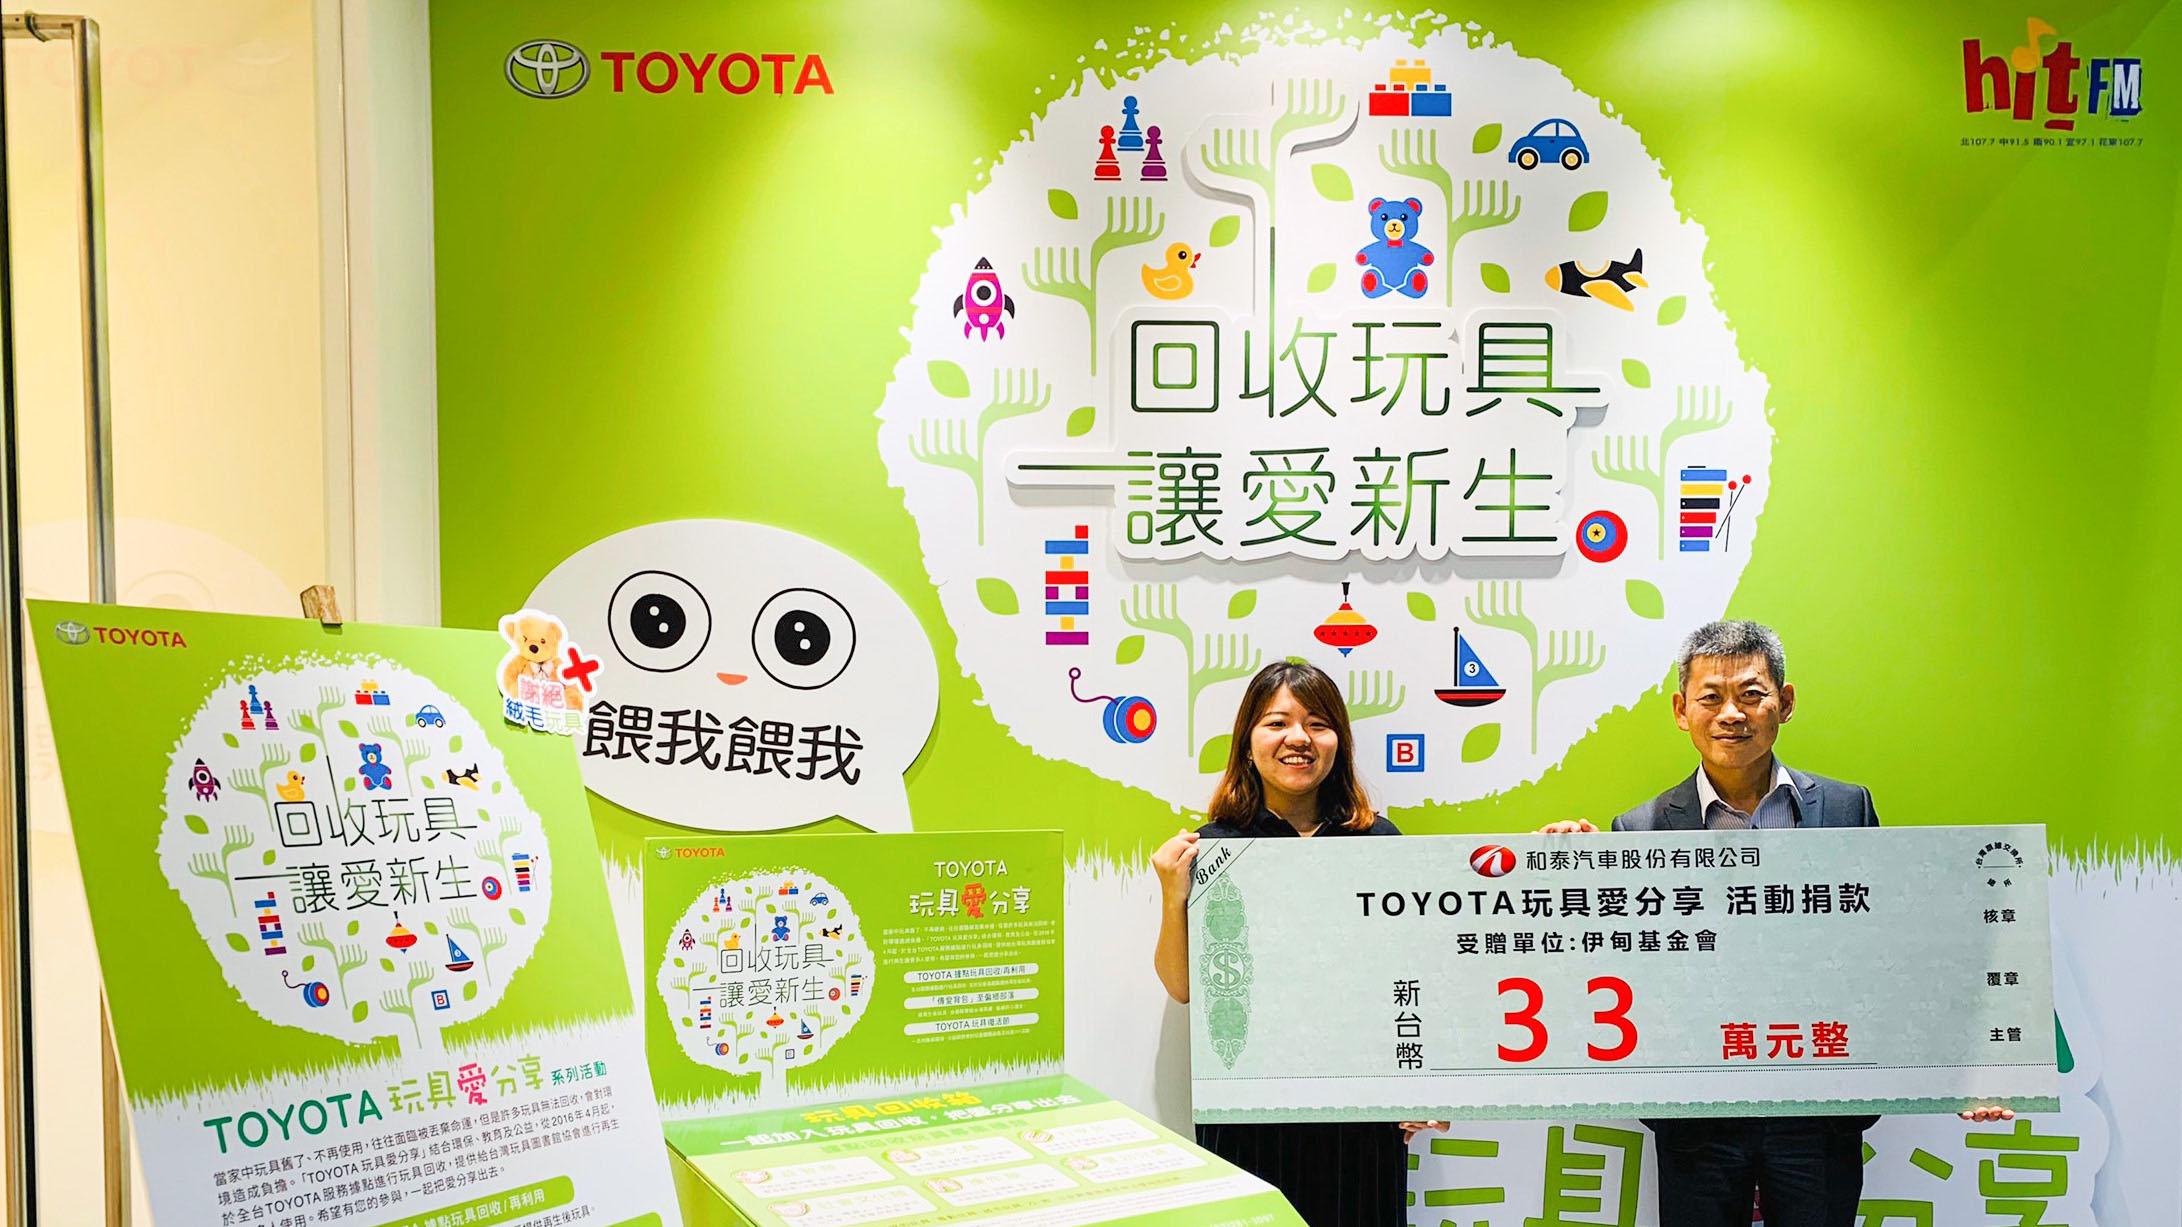 2019 年小小技師體驗報名費 33 萬全數捐贈予伊甸基金會 合照由左至右為伊甸基金會初佩瑽主任、和泰汽車 Toyota 售後行銷部王惠民經理。